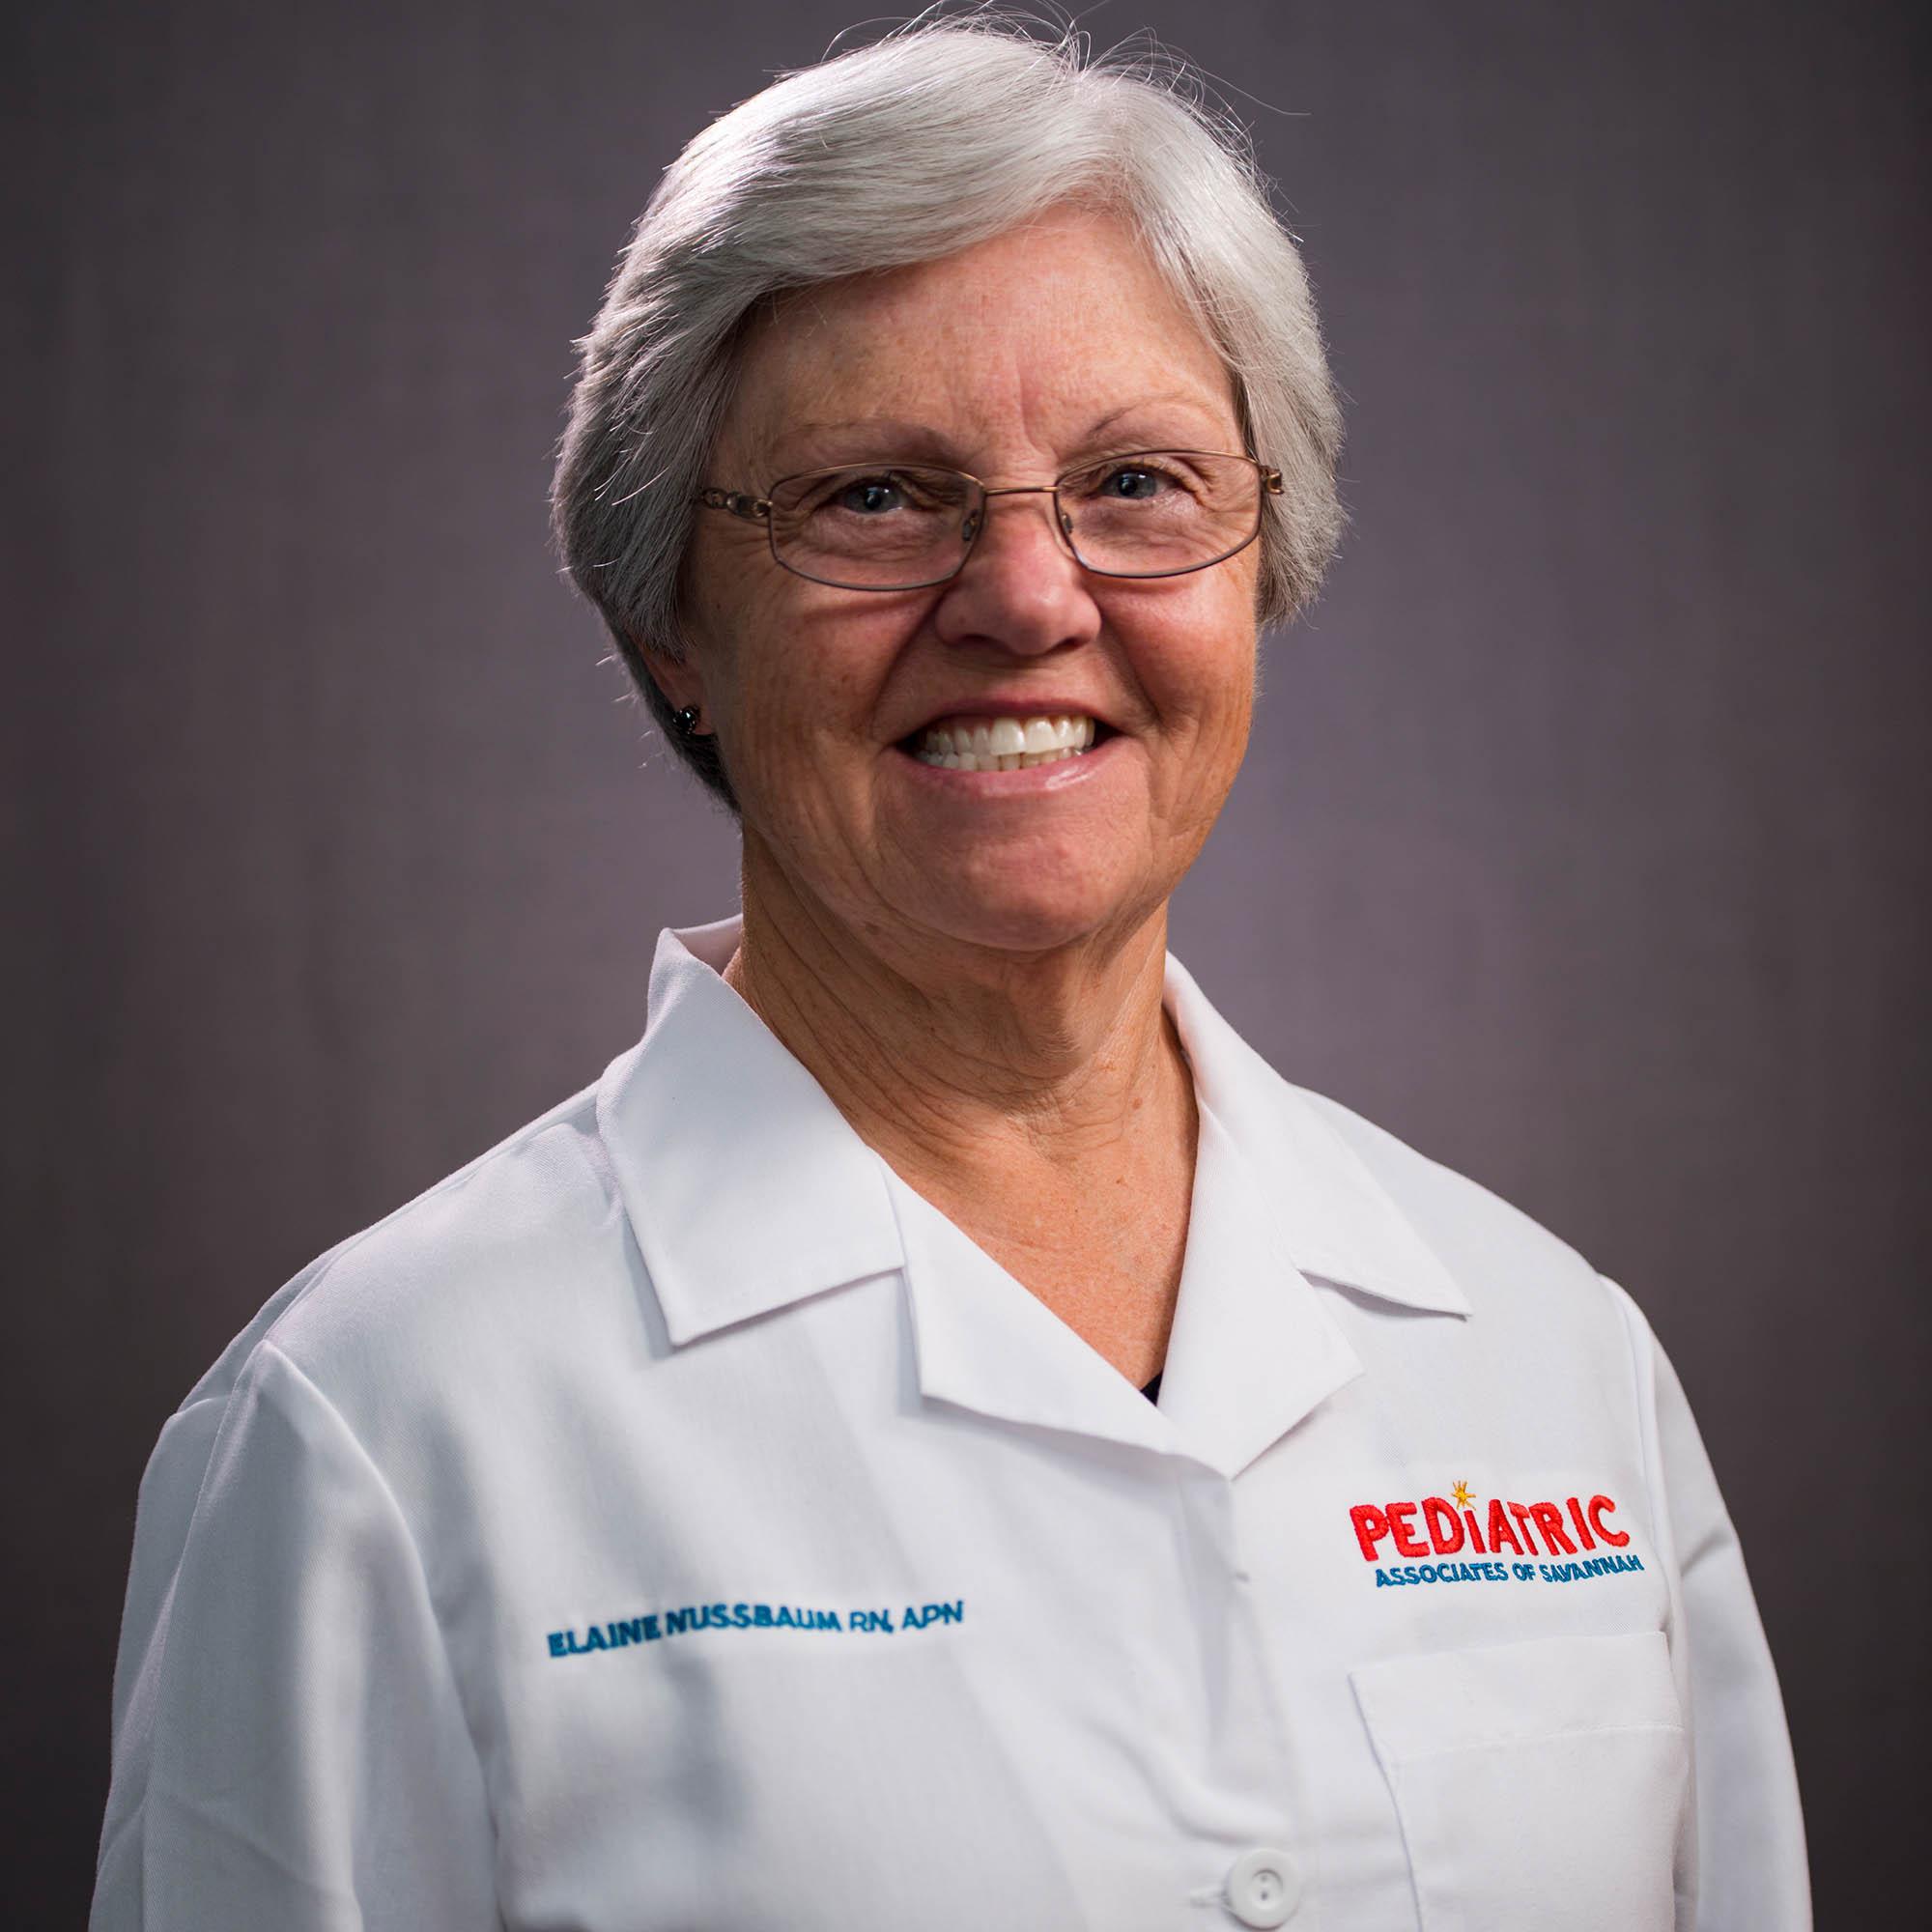 Elaine Nussbaum